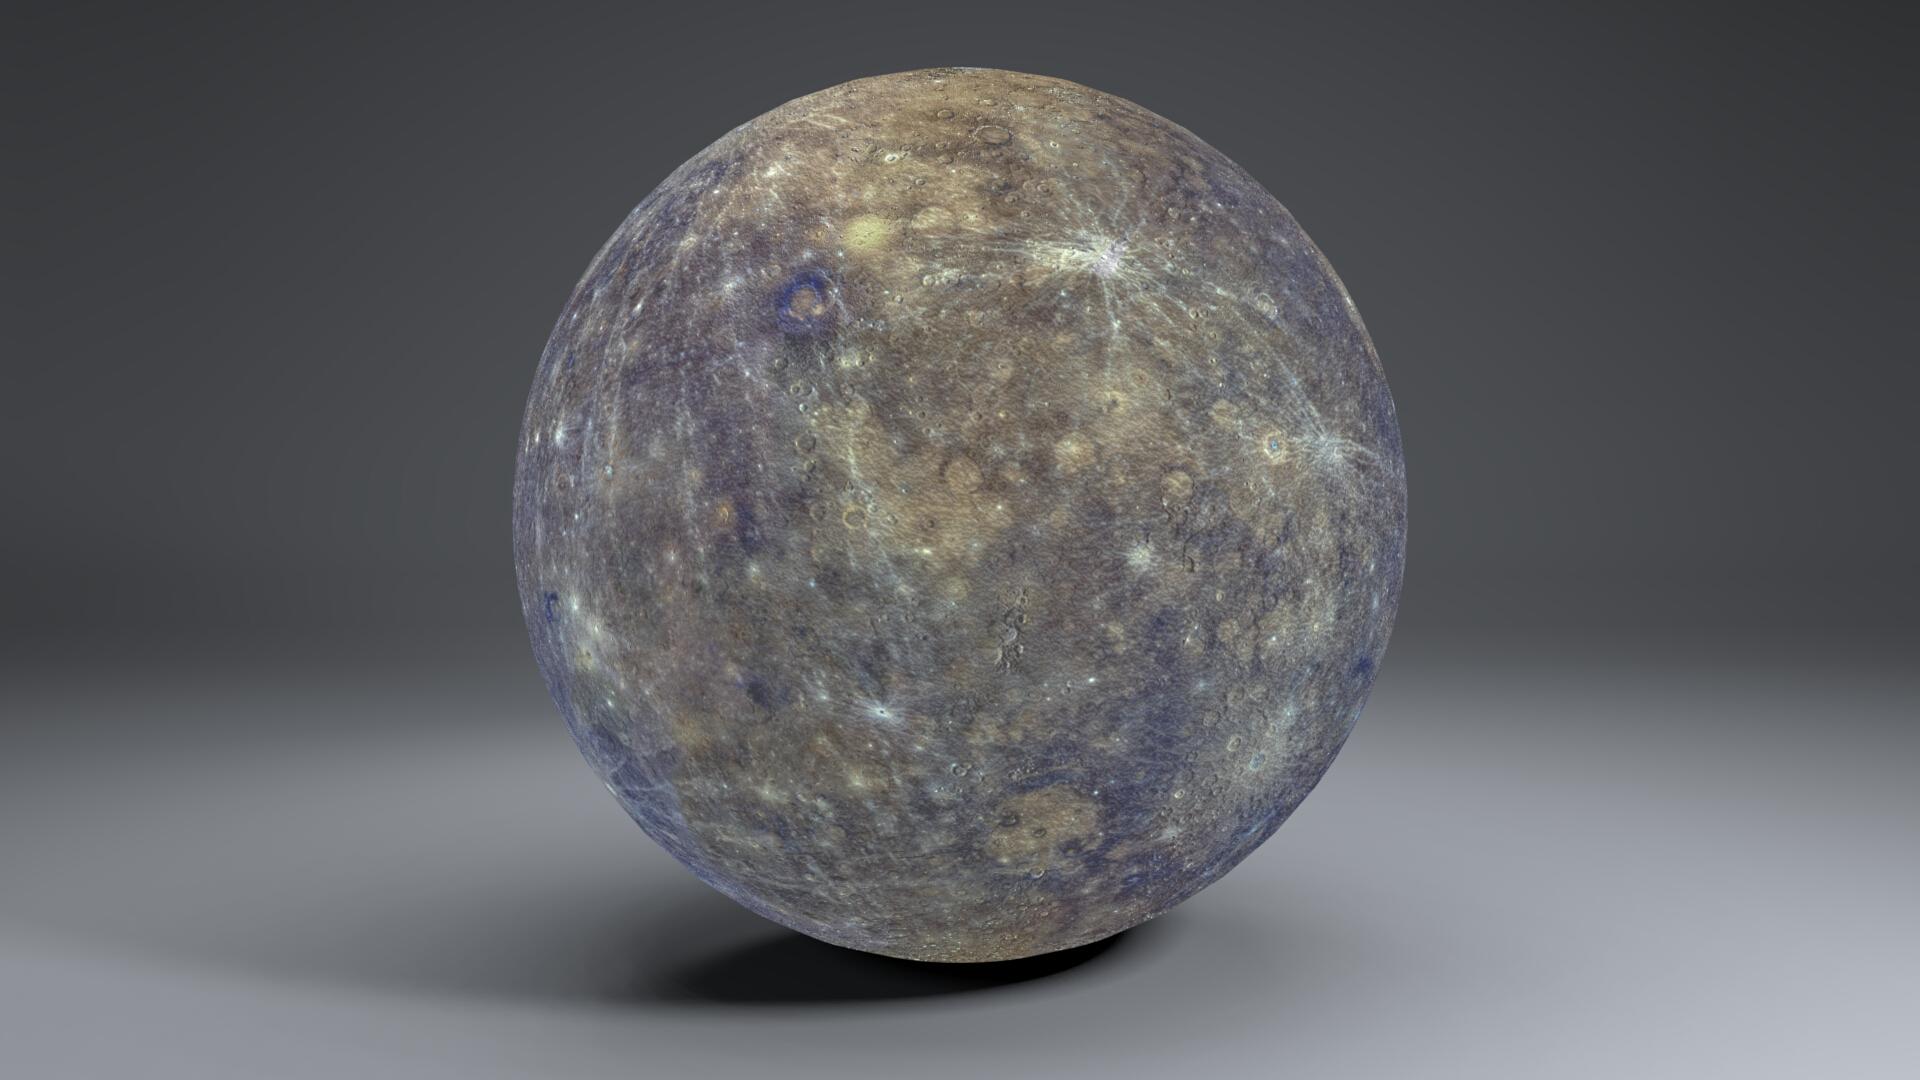 mercury 4k globe 3d model 3ds fbx blend dae obj 252198